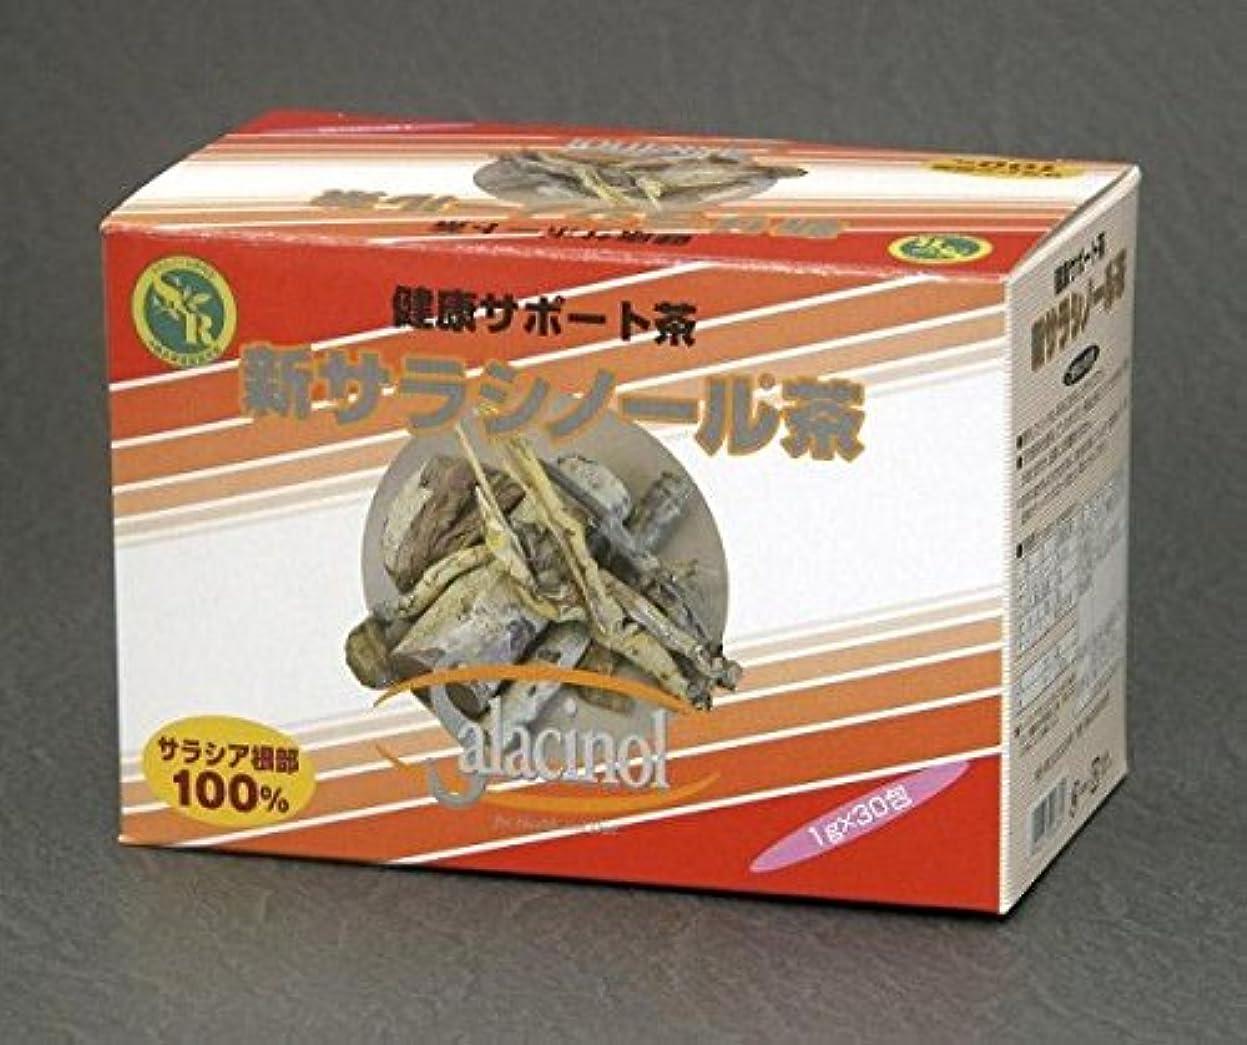 マナーしたい精通した新サラシノール茶 1×30包